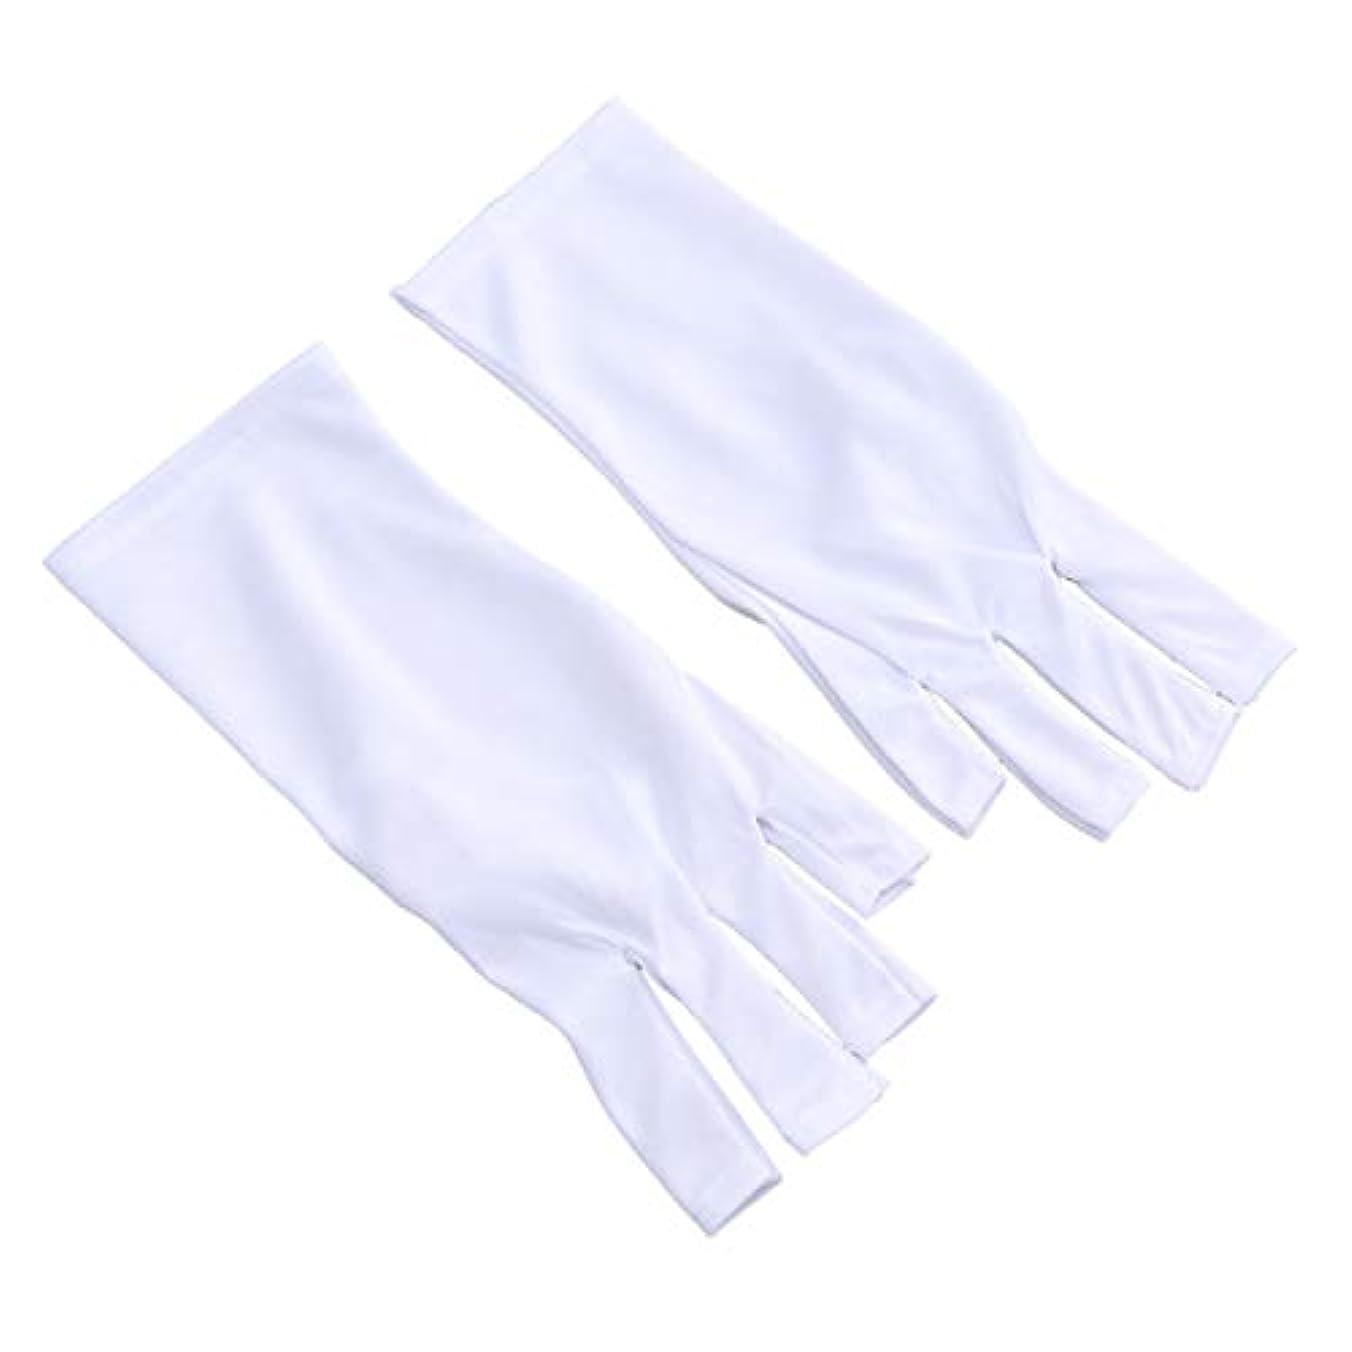 高齢者絶壁温かいHealify 抗uv手袋 手袋 ネイルアー 放射線防護 マニキュアドライヤーツール 1ペア (25 CMショートホワイトUVグローブ)